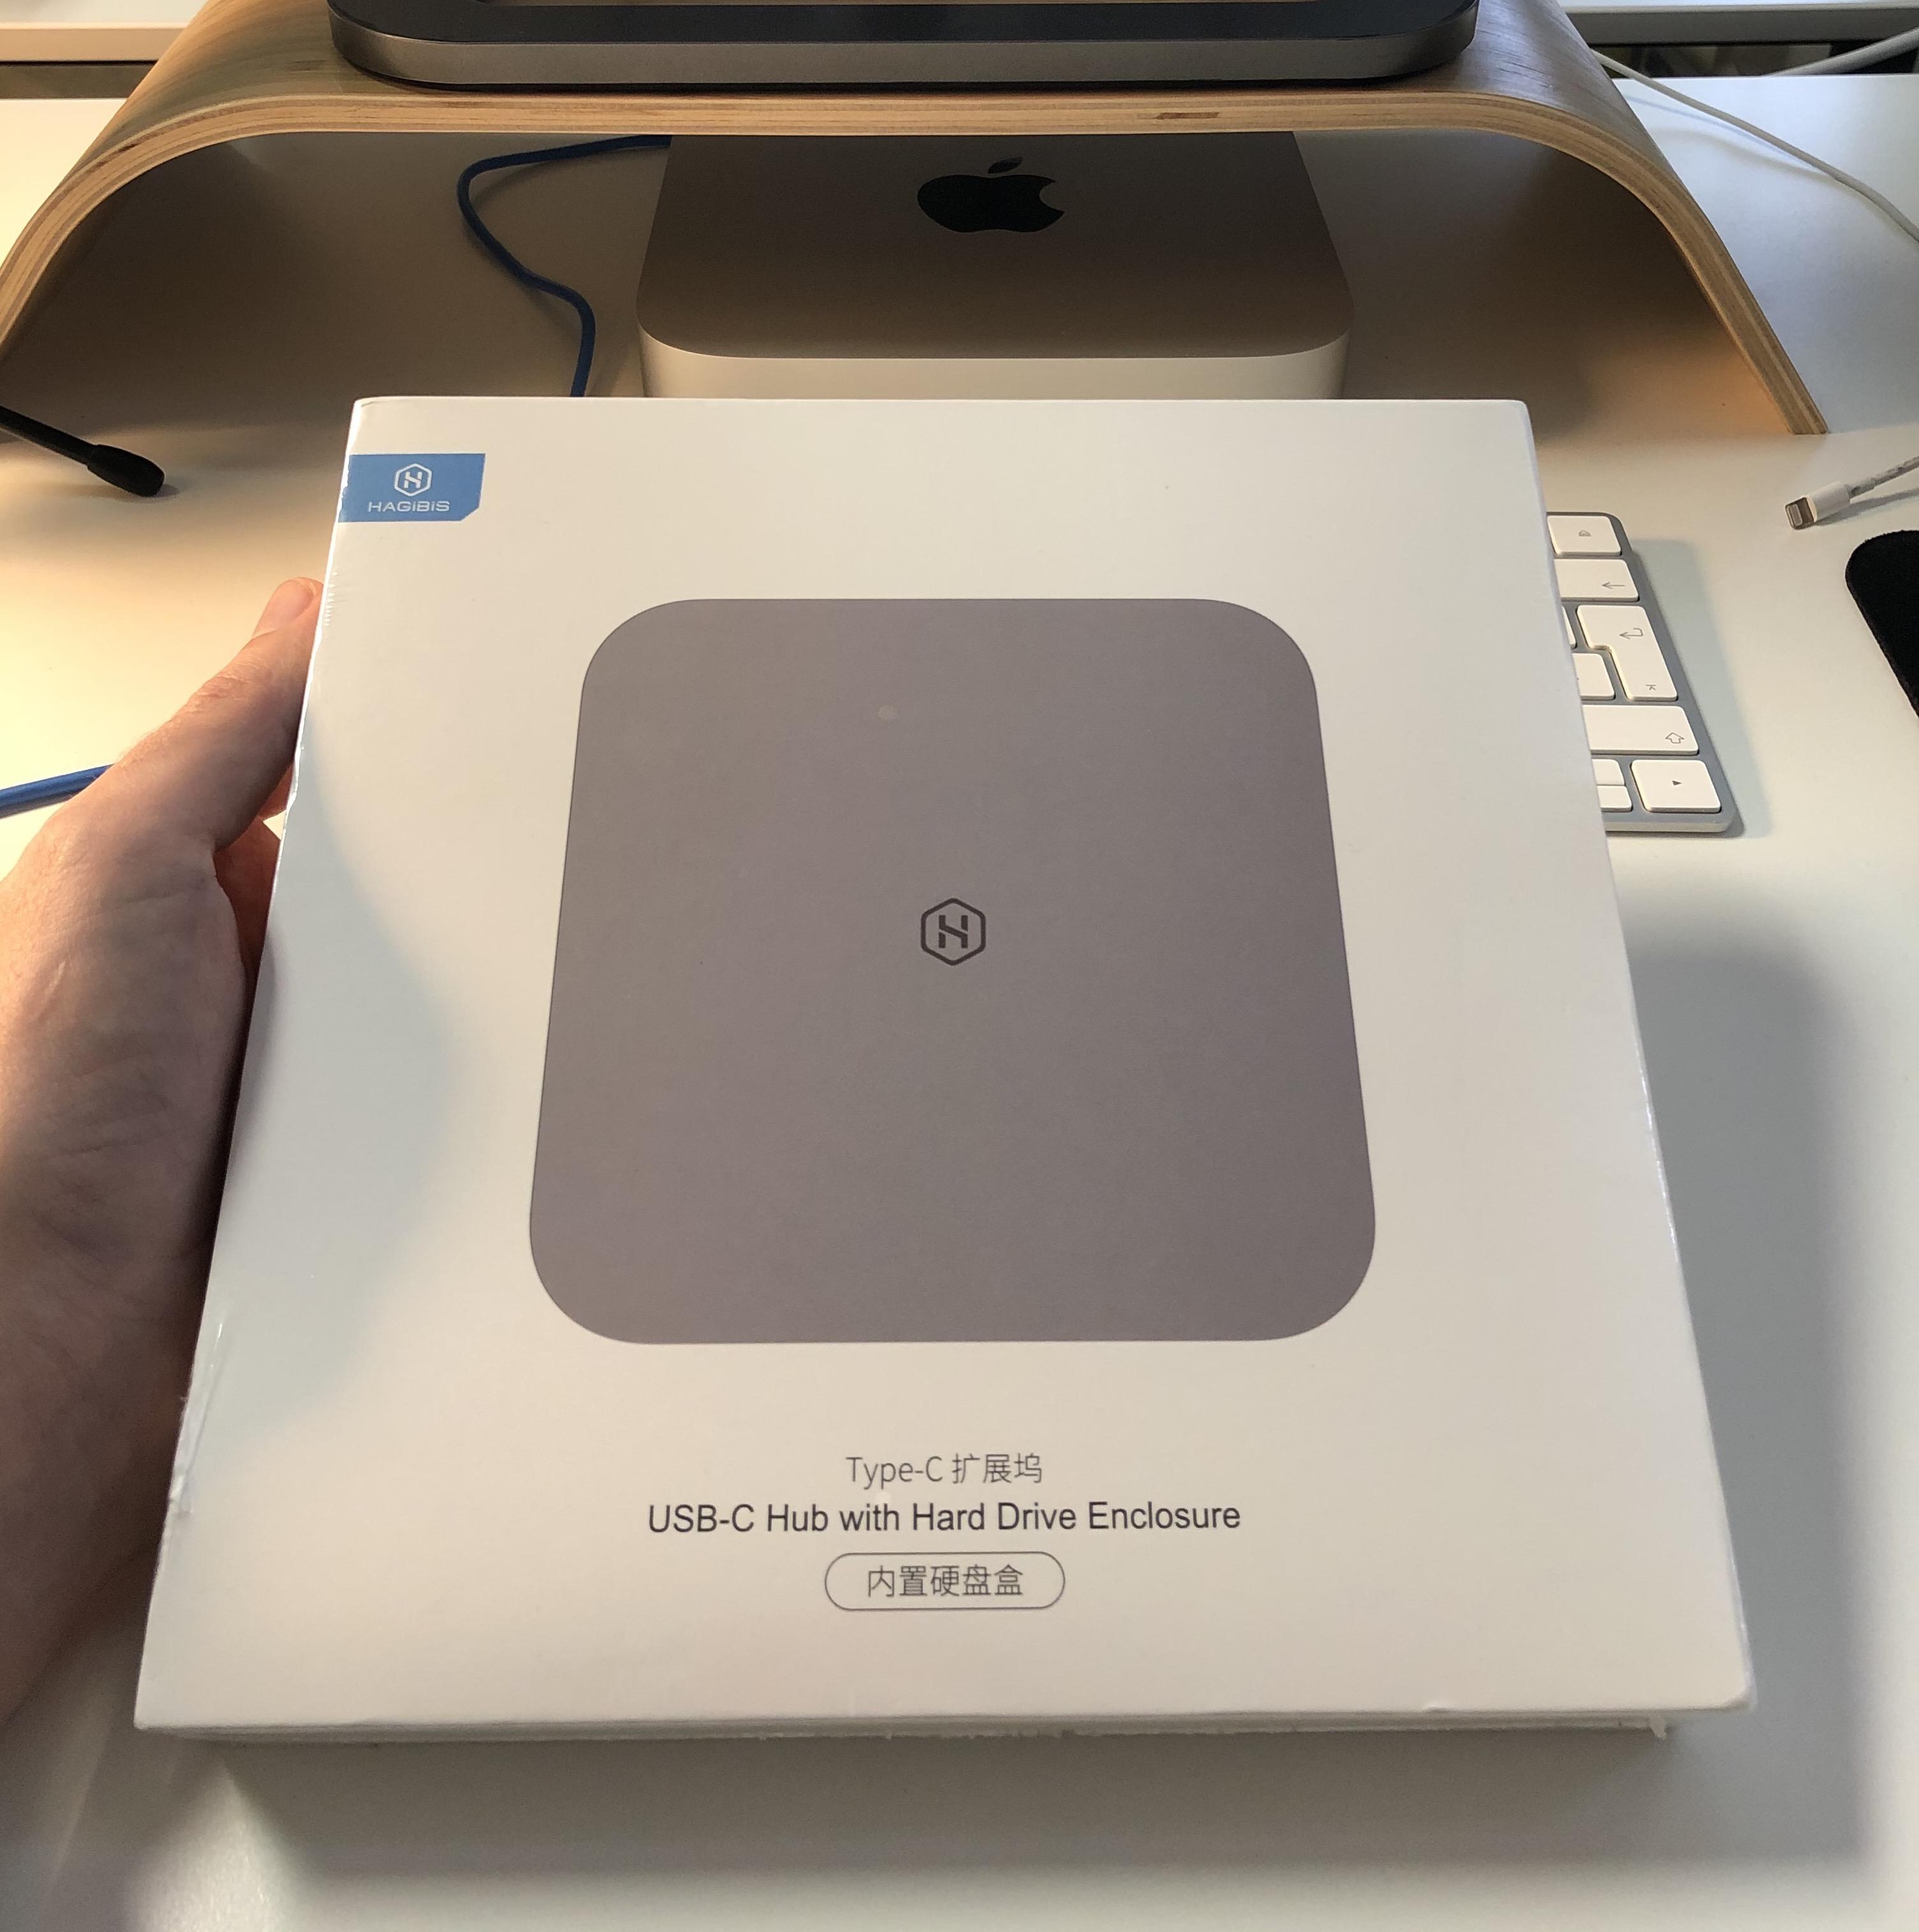 USB-C Dock pro Mac mini M1 s možností připojit HDD/SDD disk